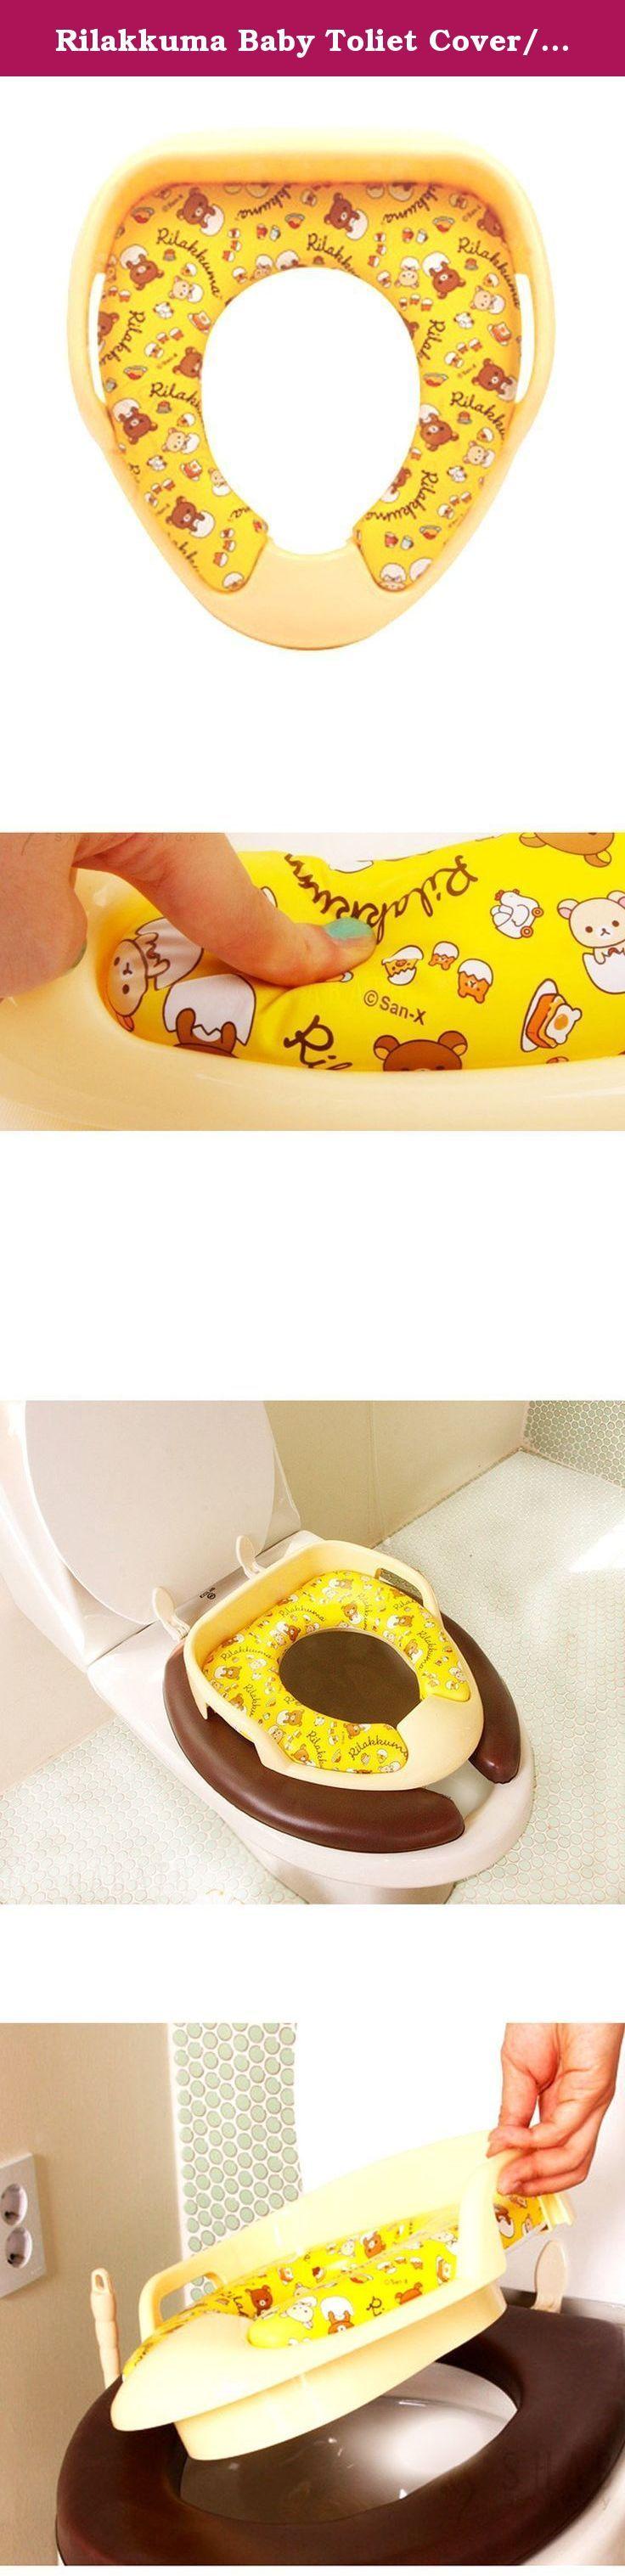 Yli tuhat ideaa: Produit Toilette Bébé Pinterestissä